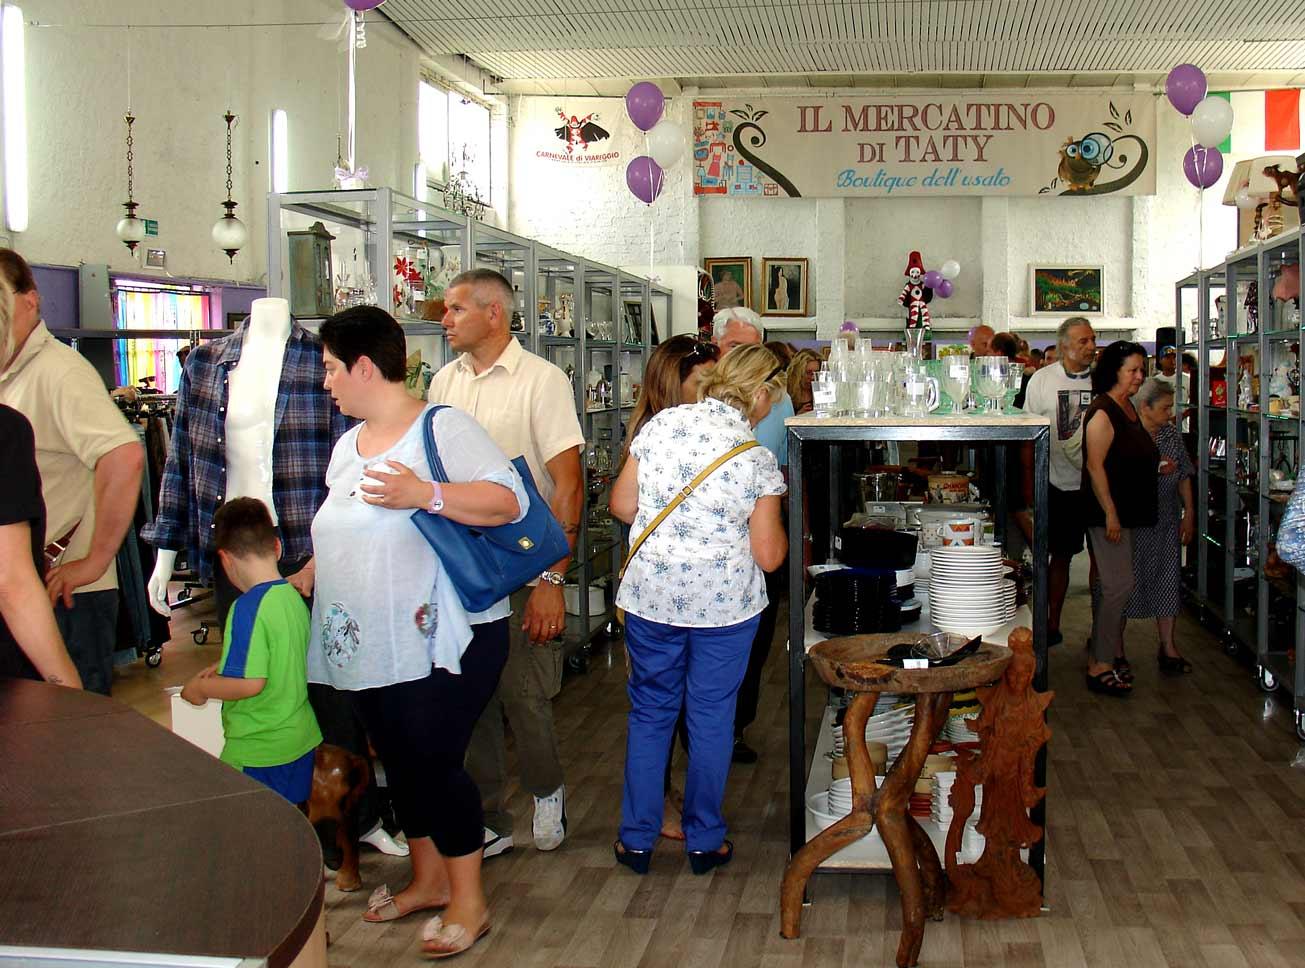 inaugurazione a viareggio del nuovo mercatino di taty